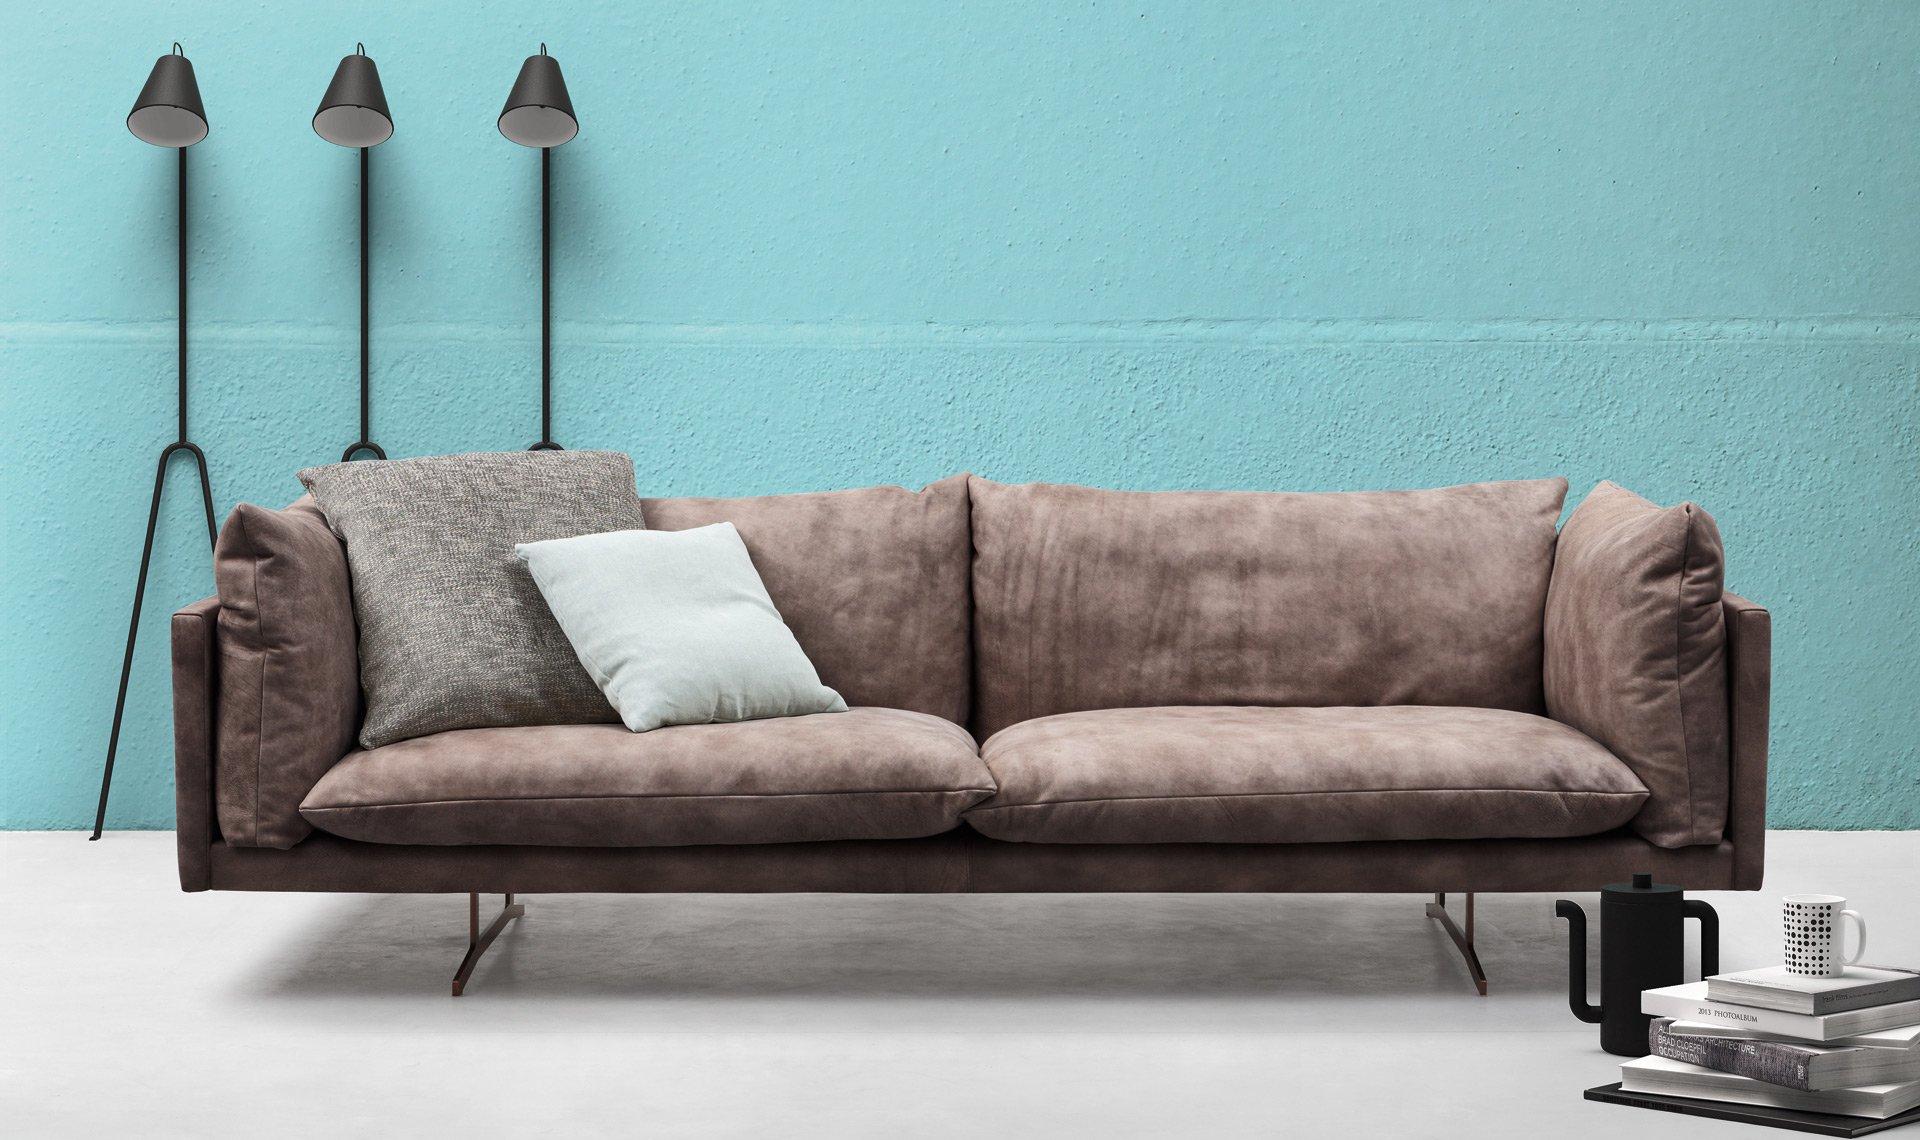 Oslo Sofa from Alf Dafre, designed by Enrico Cesana